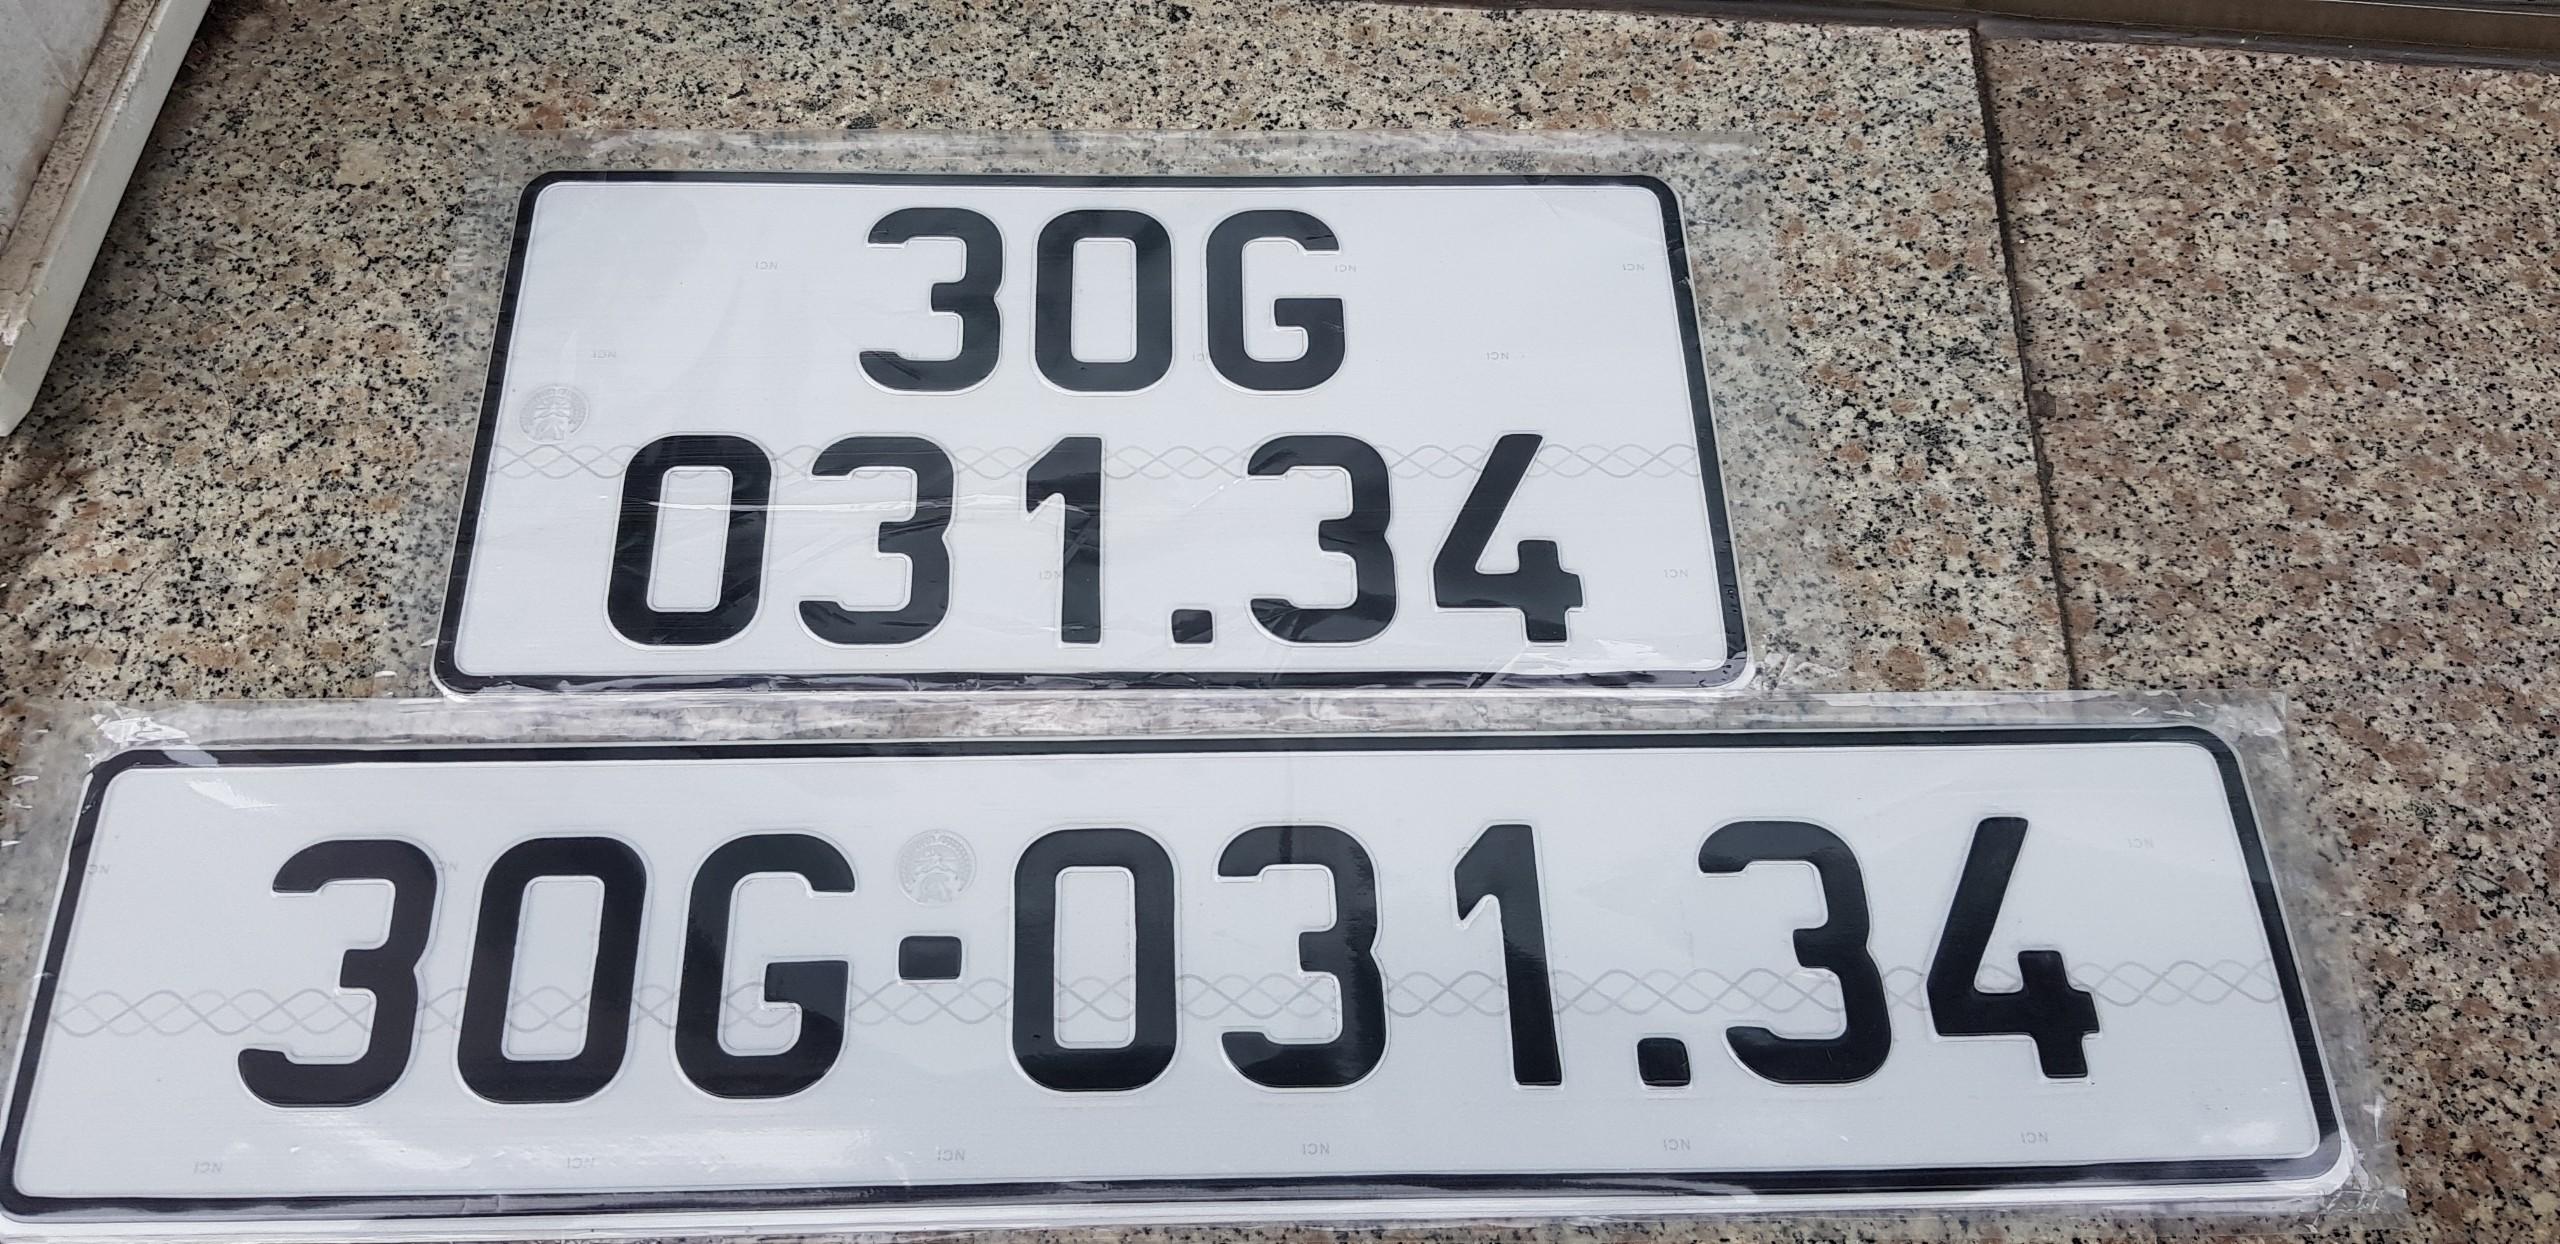 4dc2bbeed50d27537e1c